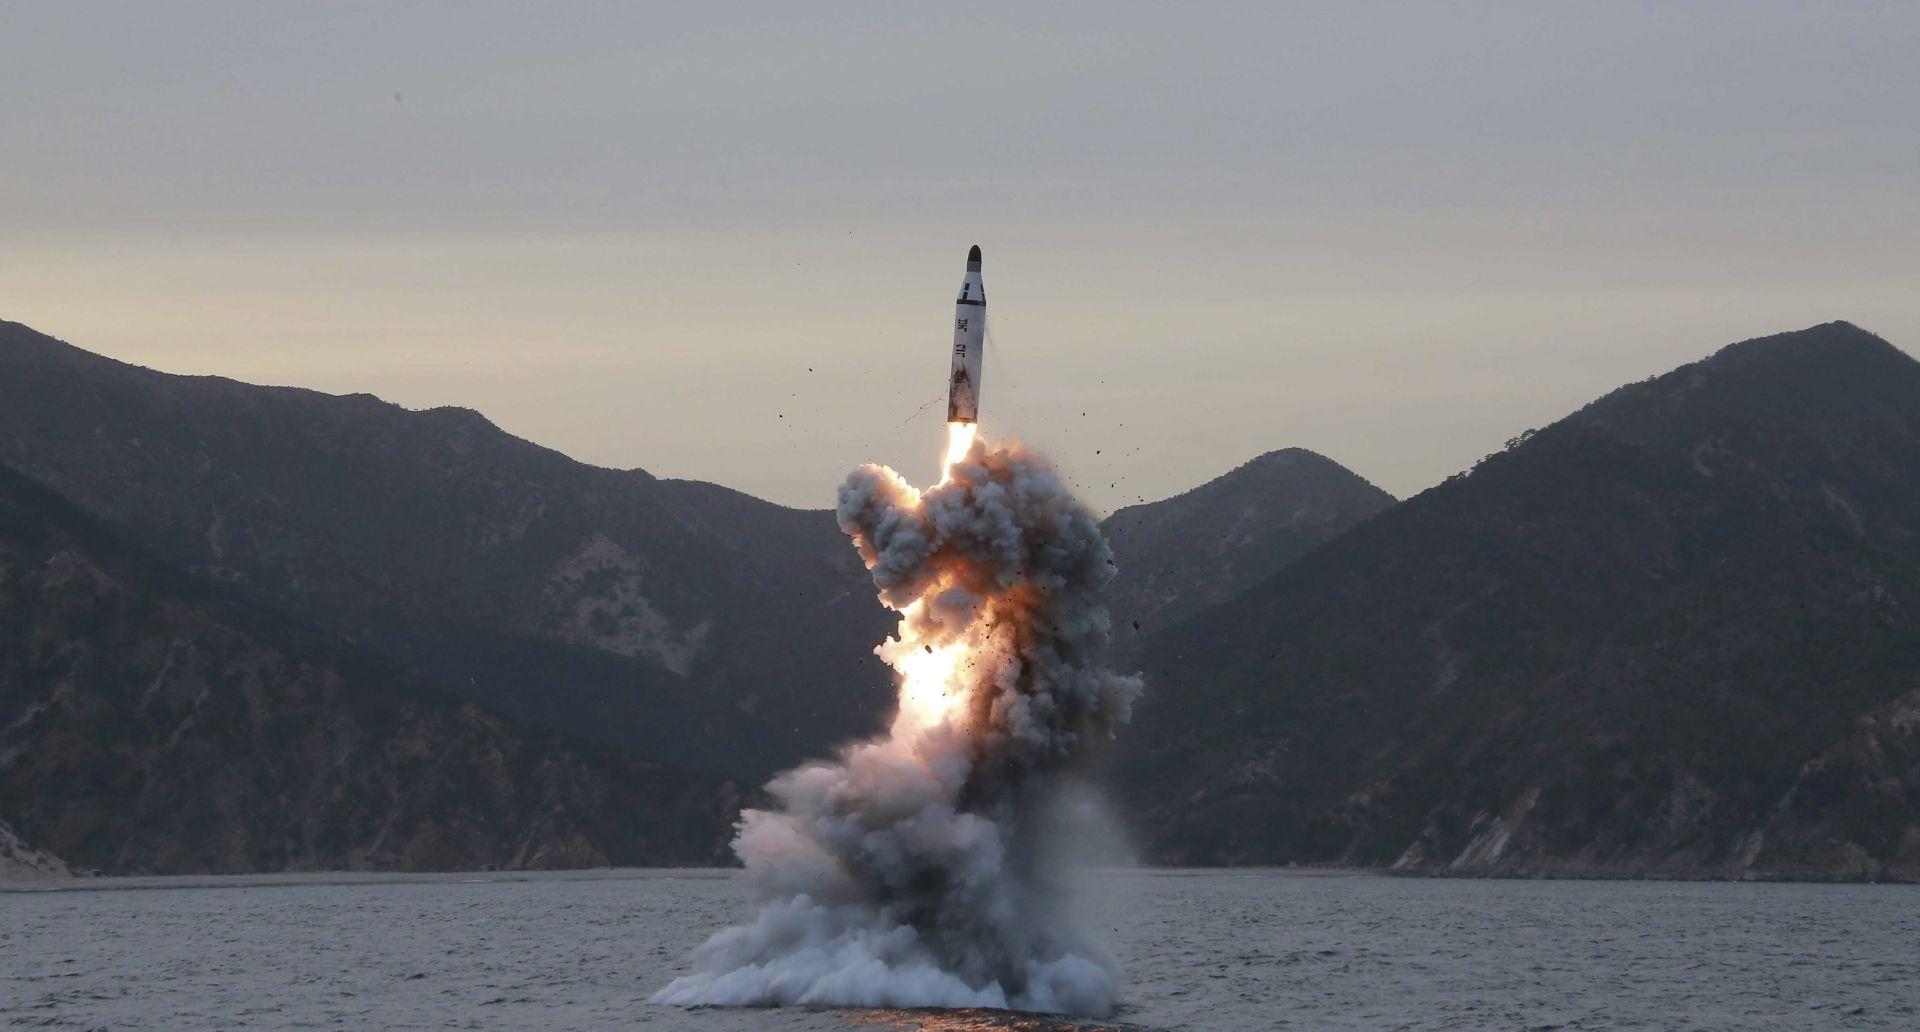 STRUČNJACI Značajan napredak Pjonjanga u razvoju balističkih raketa lansiranih s podmornice